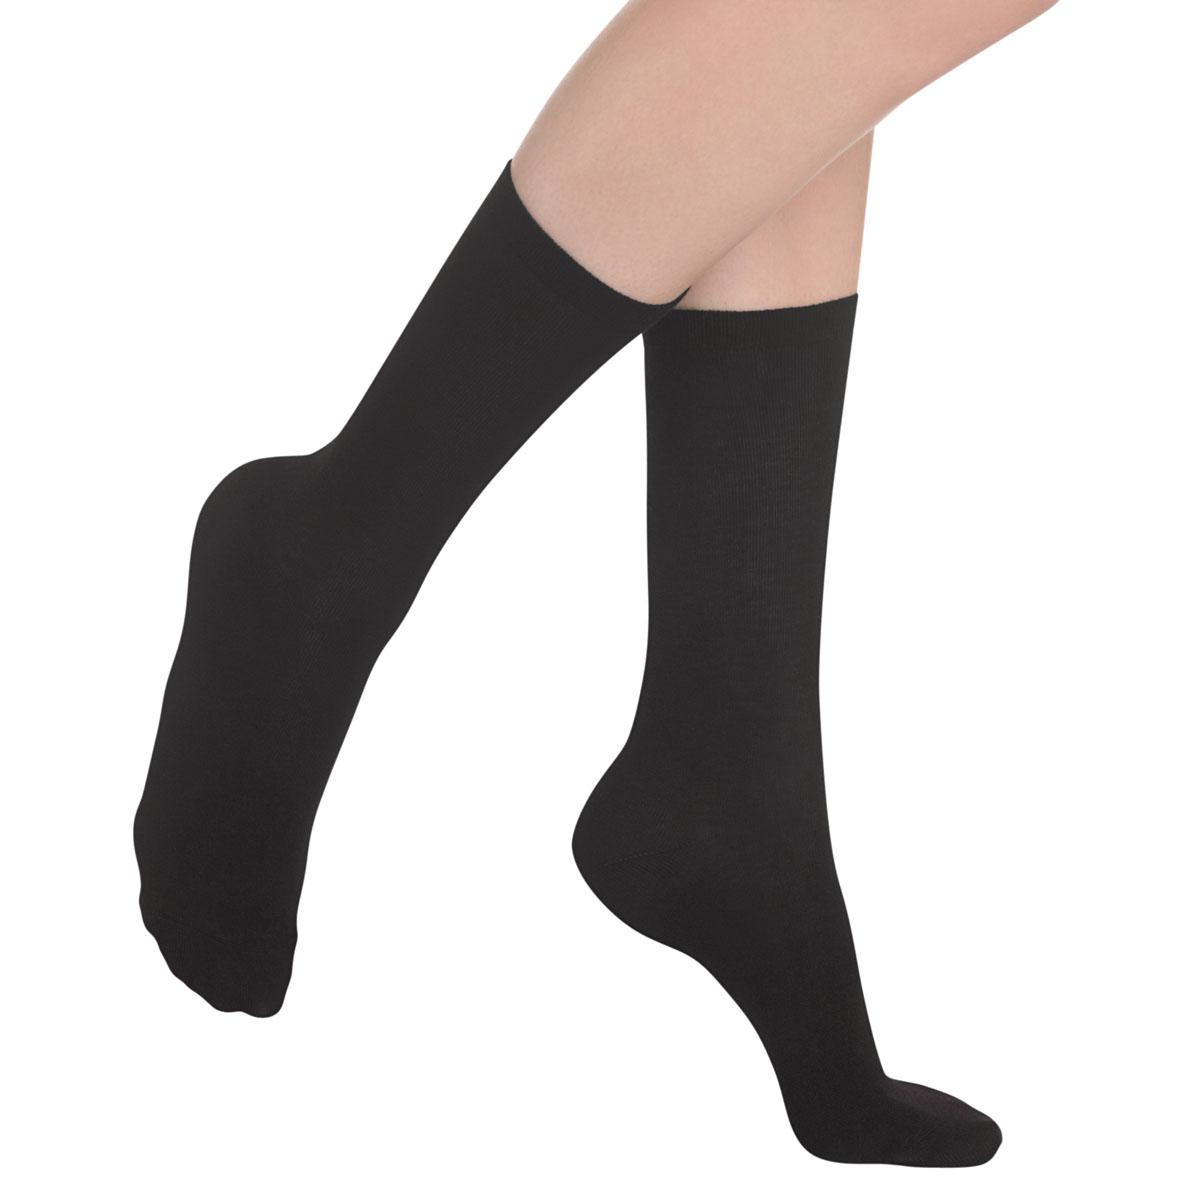 Chaussettes unies noires en laine douce Femme